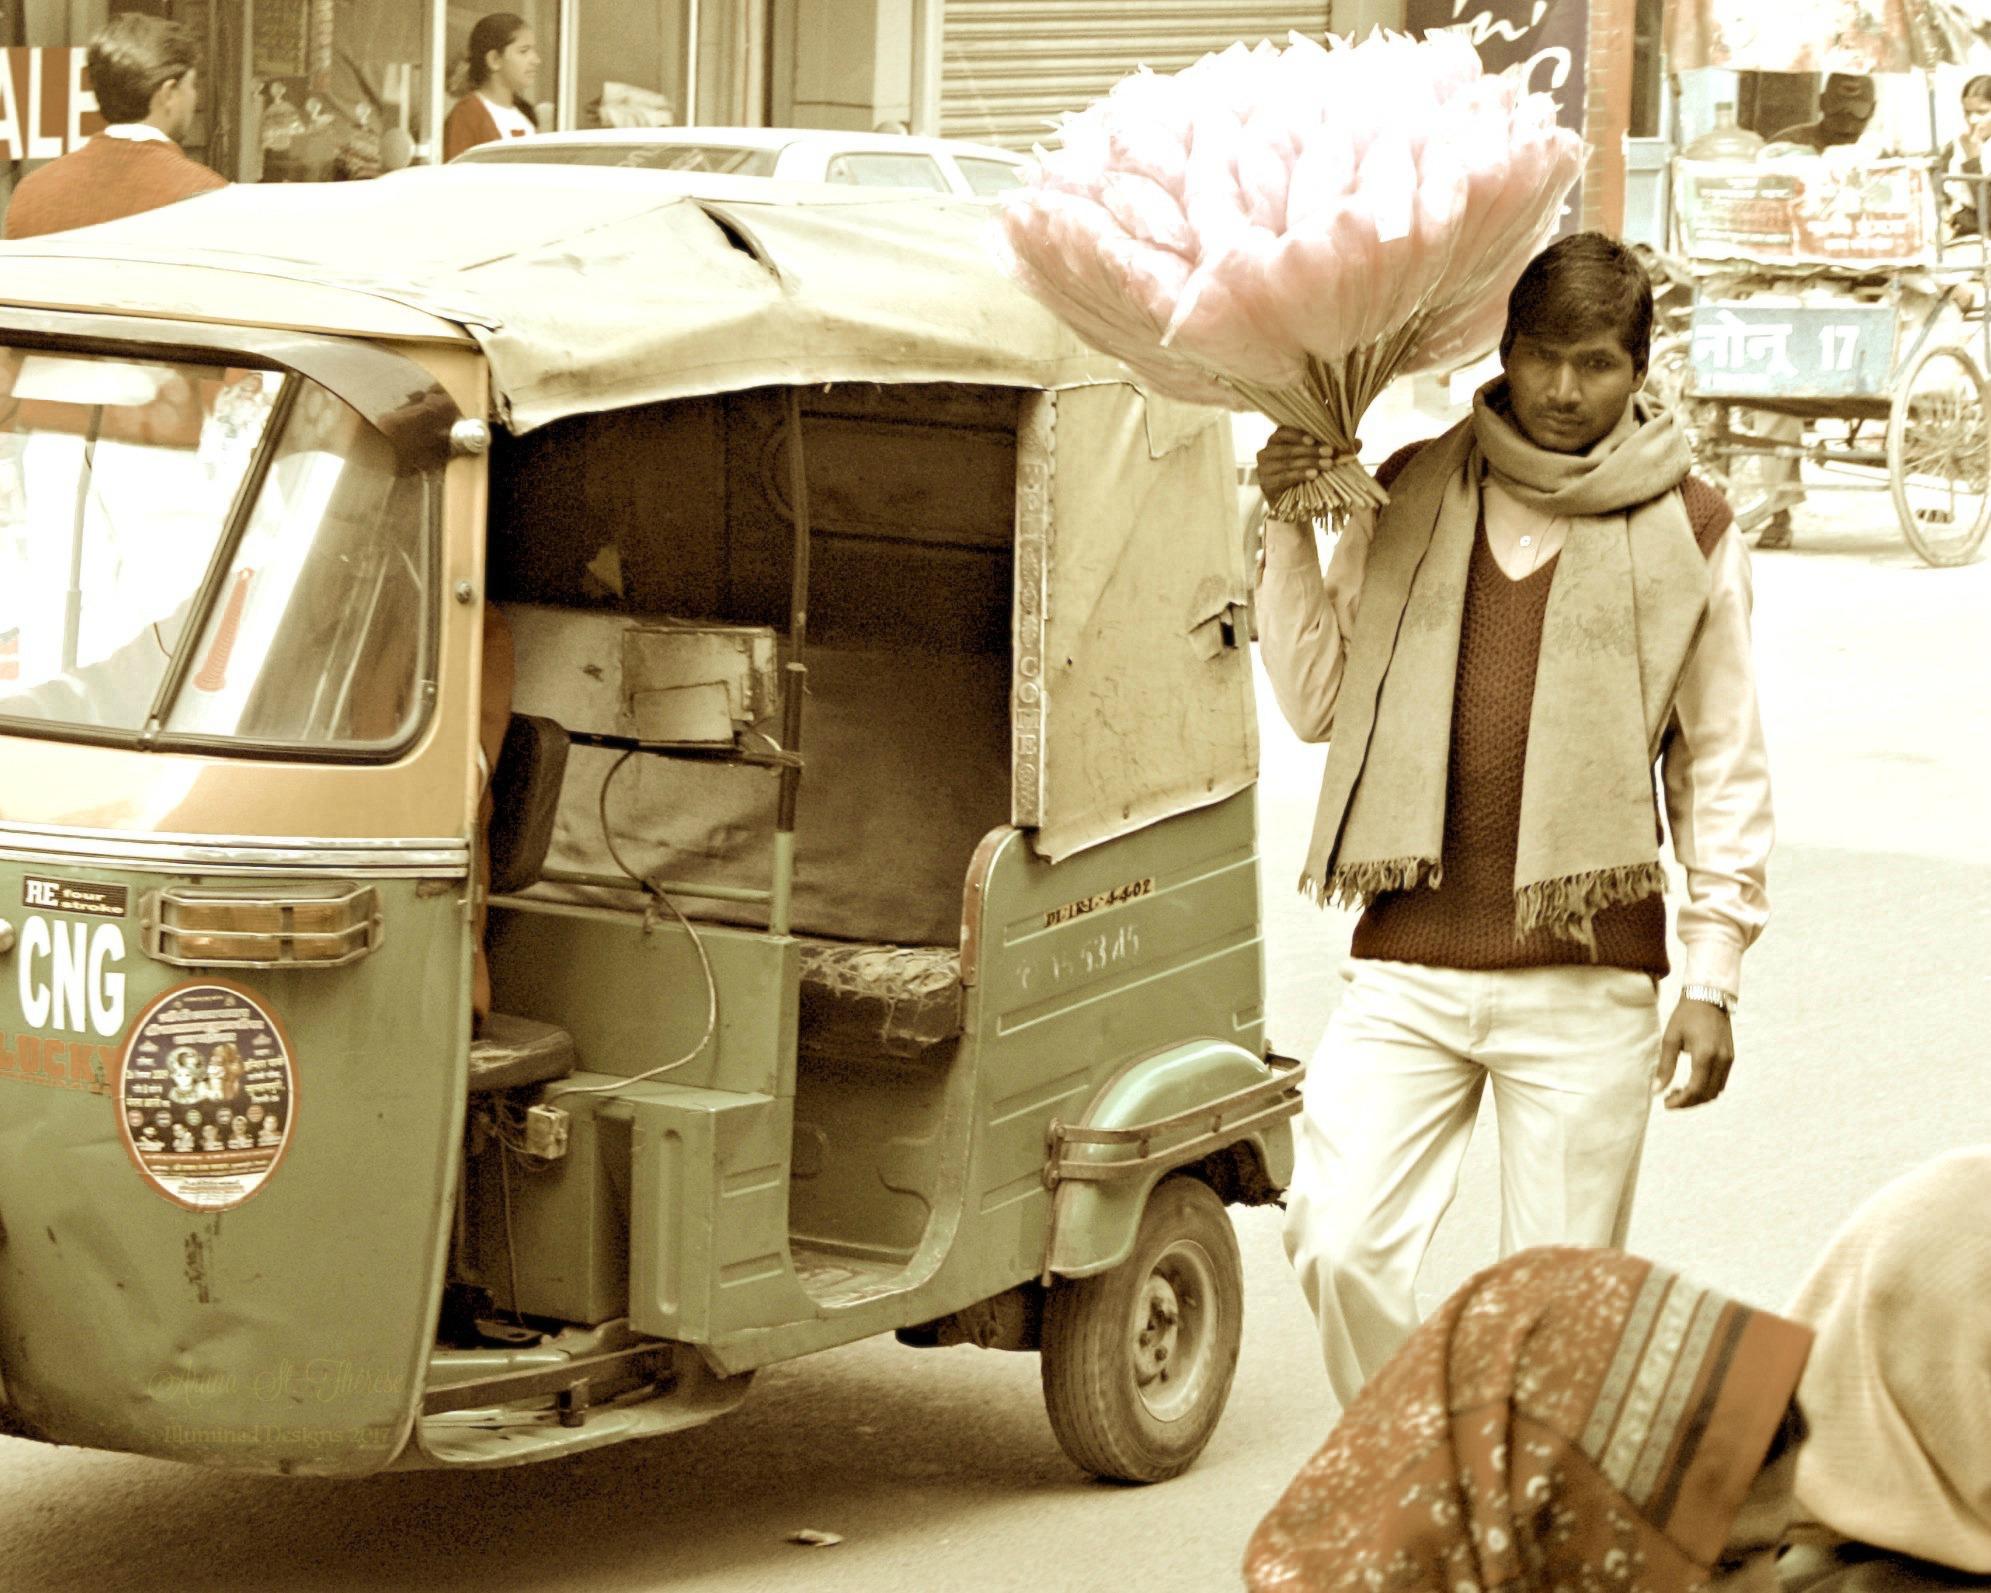 C - Delhi street vending